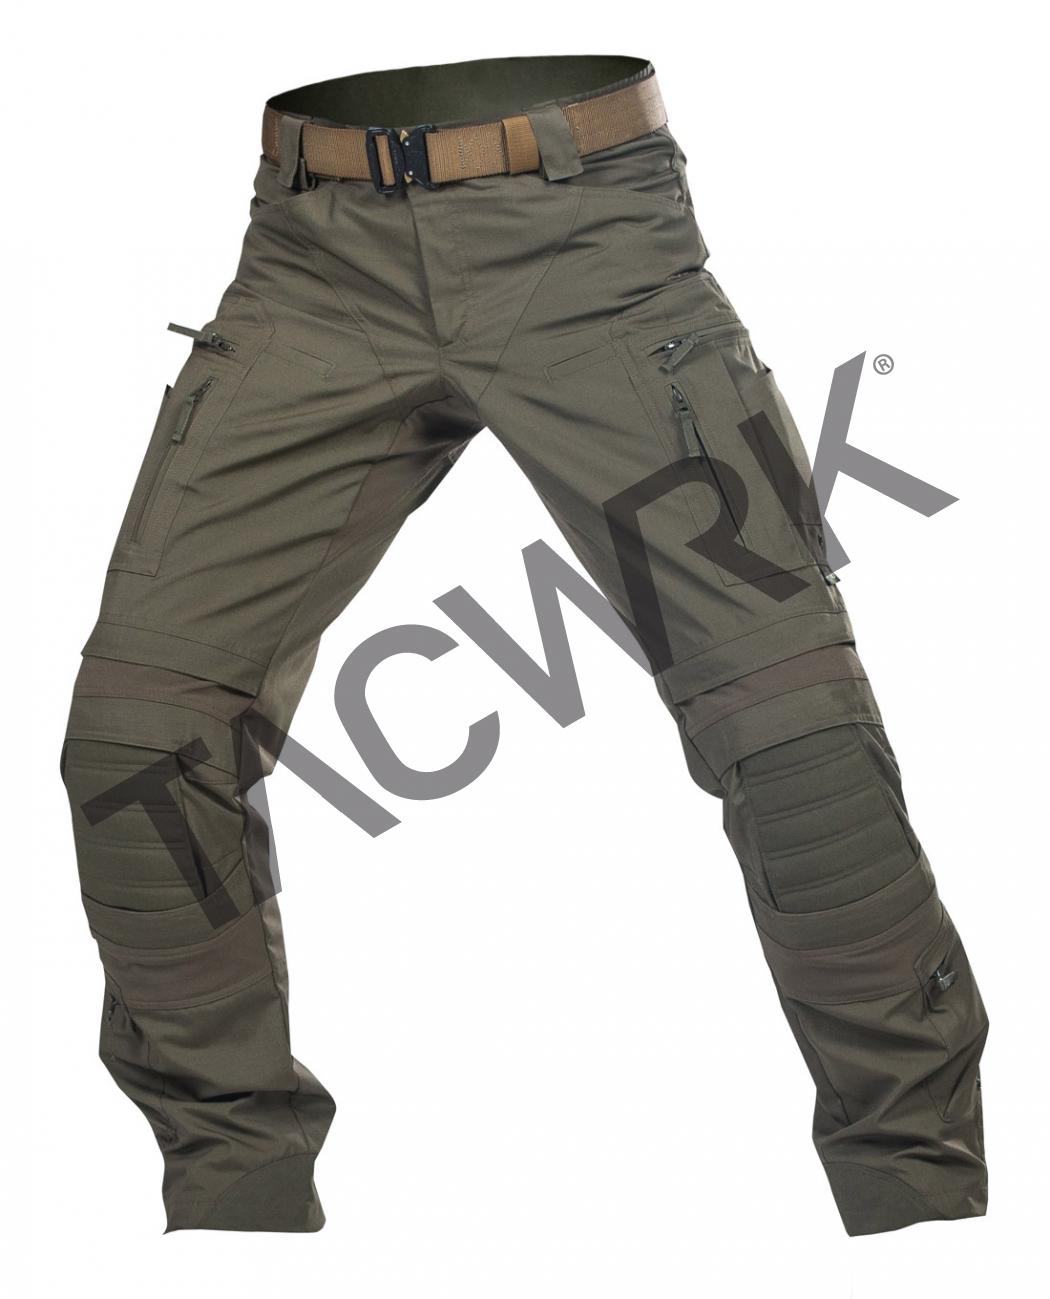 cecfe4518eca4c UF PRO Striker XT Gen.2 Combat Pants Brown Grey - TACWRK